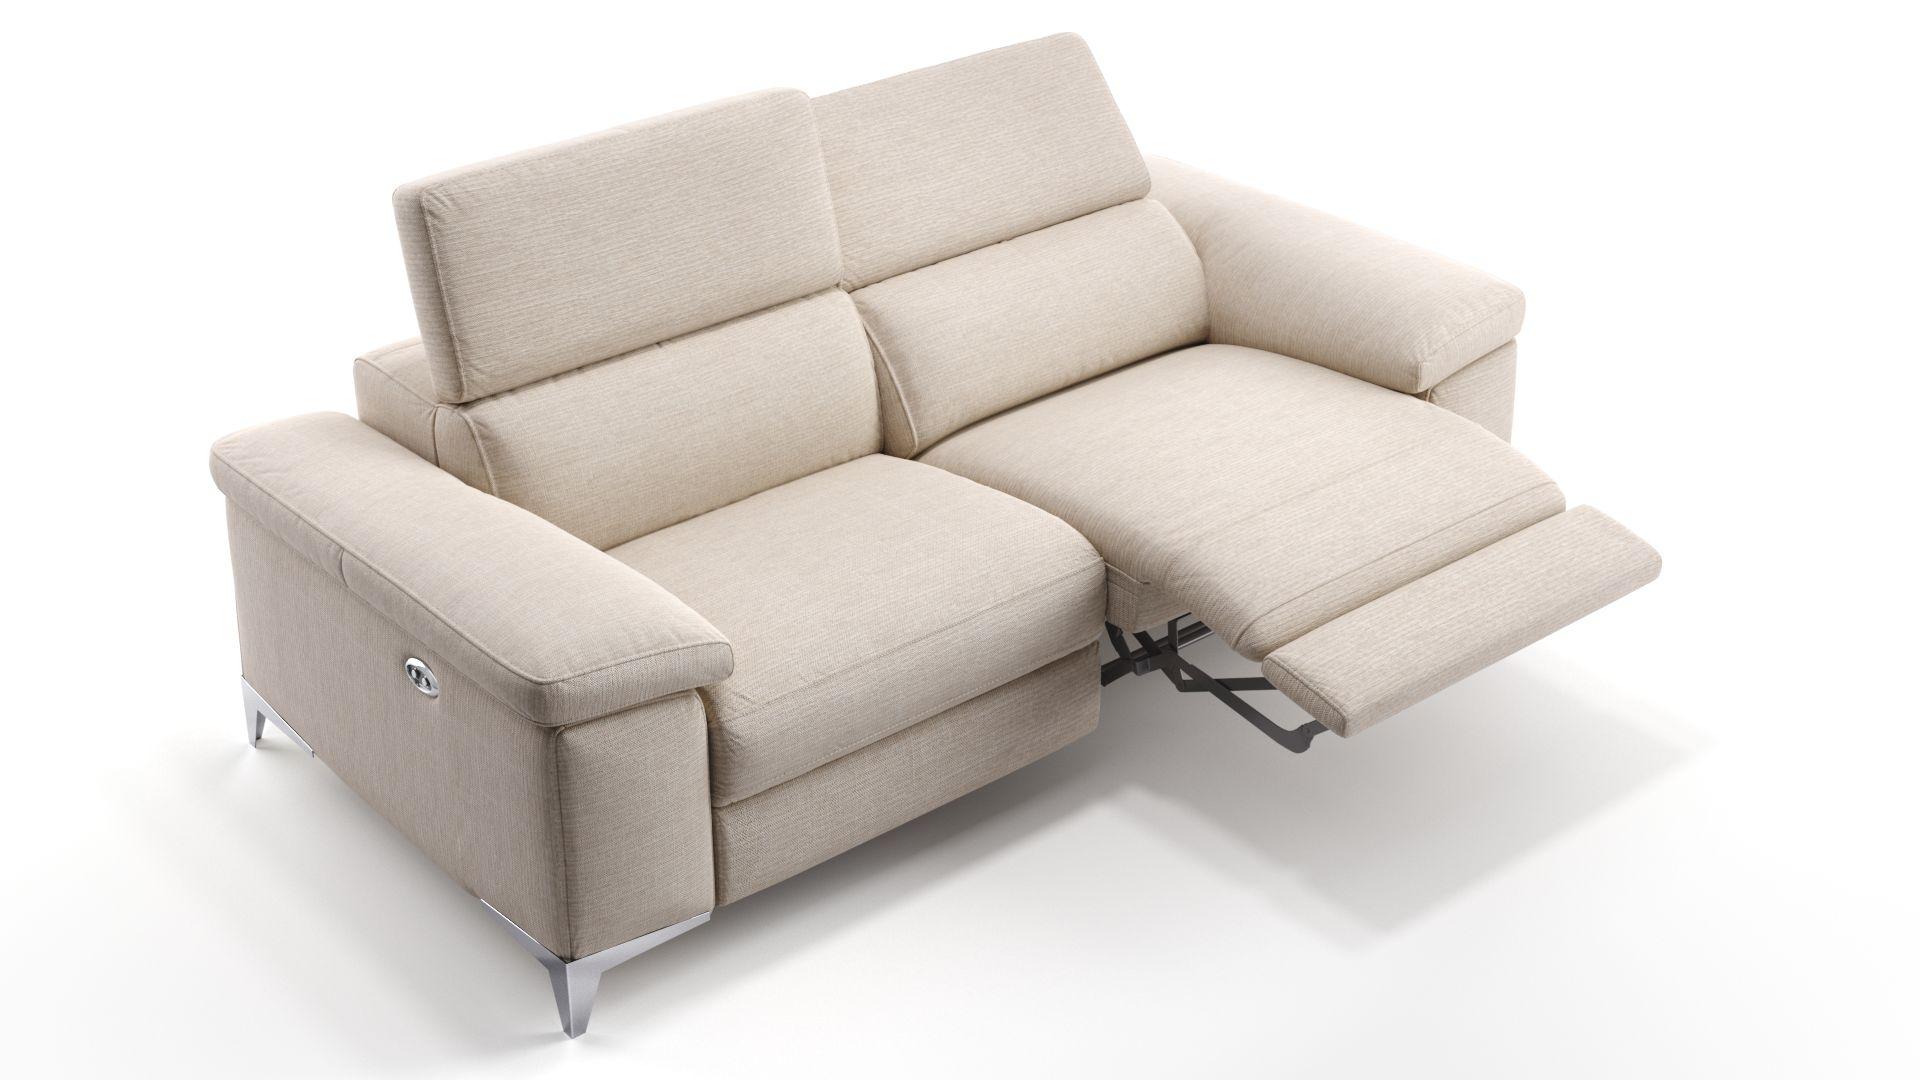 Full Size of 2 Sitzer Sofa Mit Relaxfunktion Gebraucht 5 Elektrisch Leder Stoff Stressless 5 Sitzer   Grau 196 Cm Breit 2 Sitzer City Integrierter Tischablage Und Sofa 2 Sitzer Sofa Mit Relaxfunktion